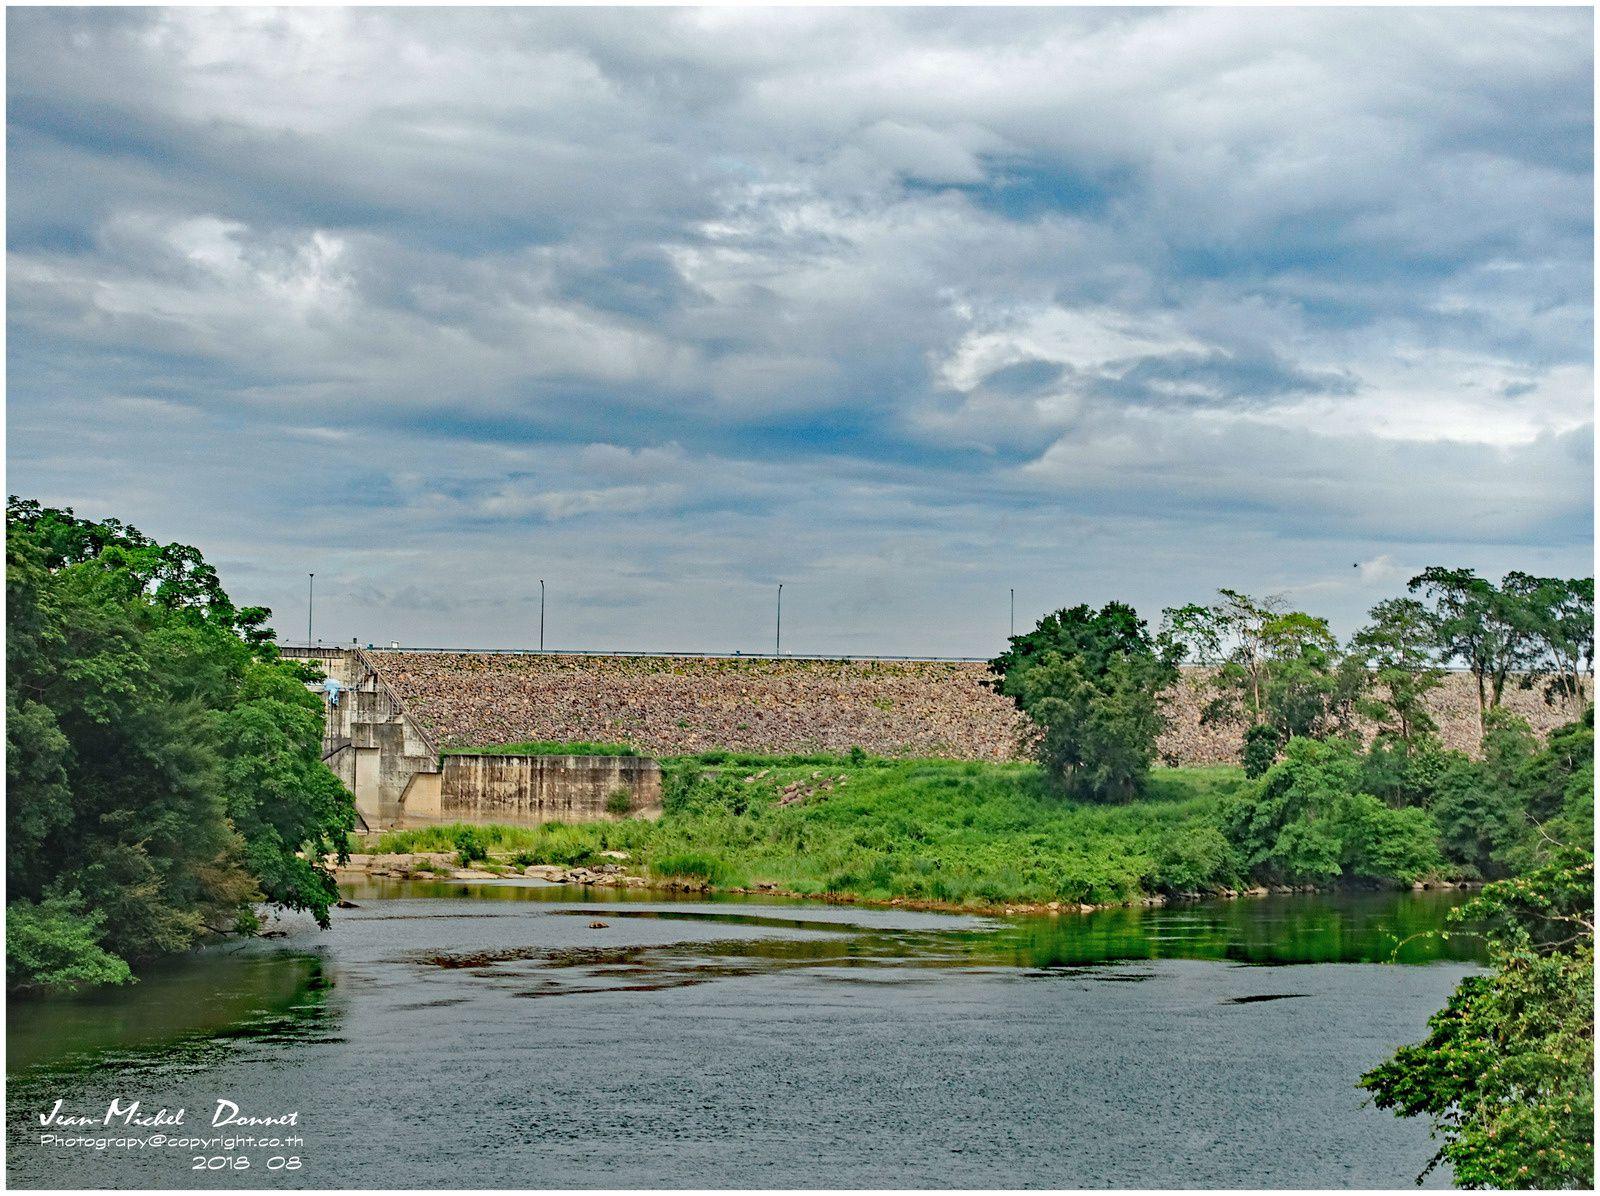 Images autour du barrage d'Ubolratana Dam